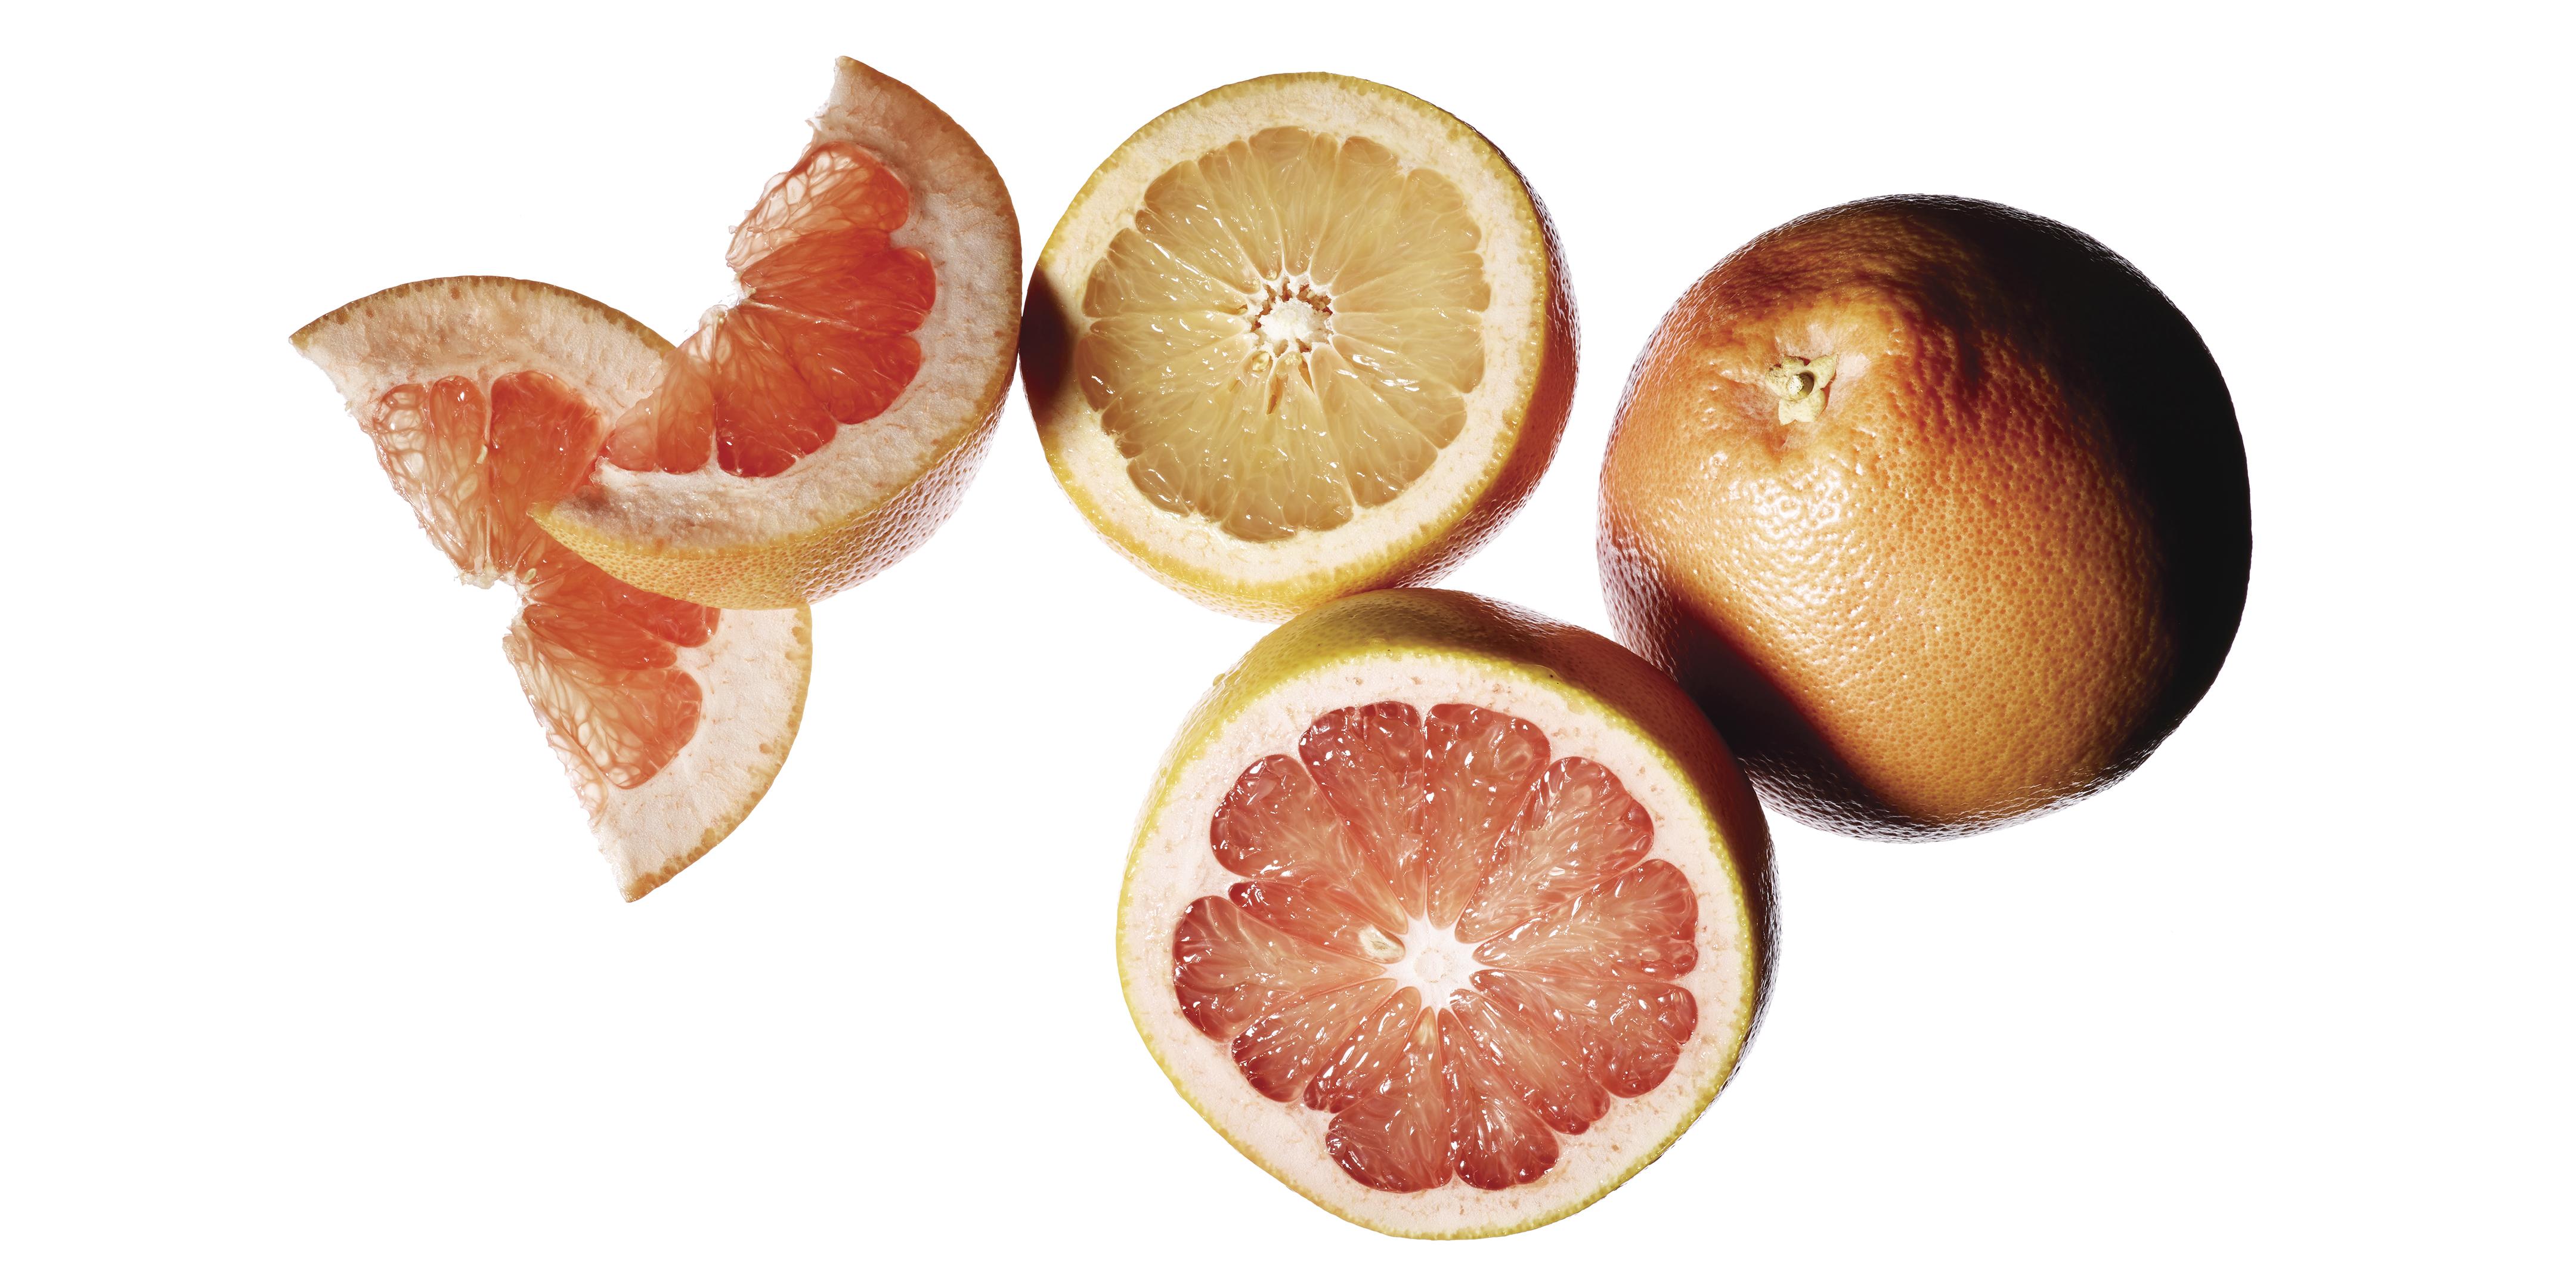 food that causes headaches